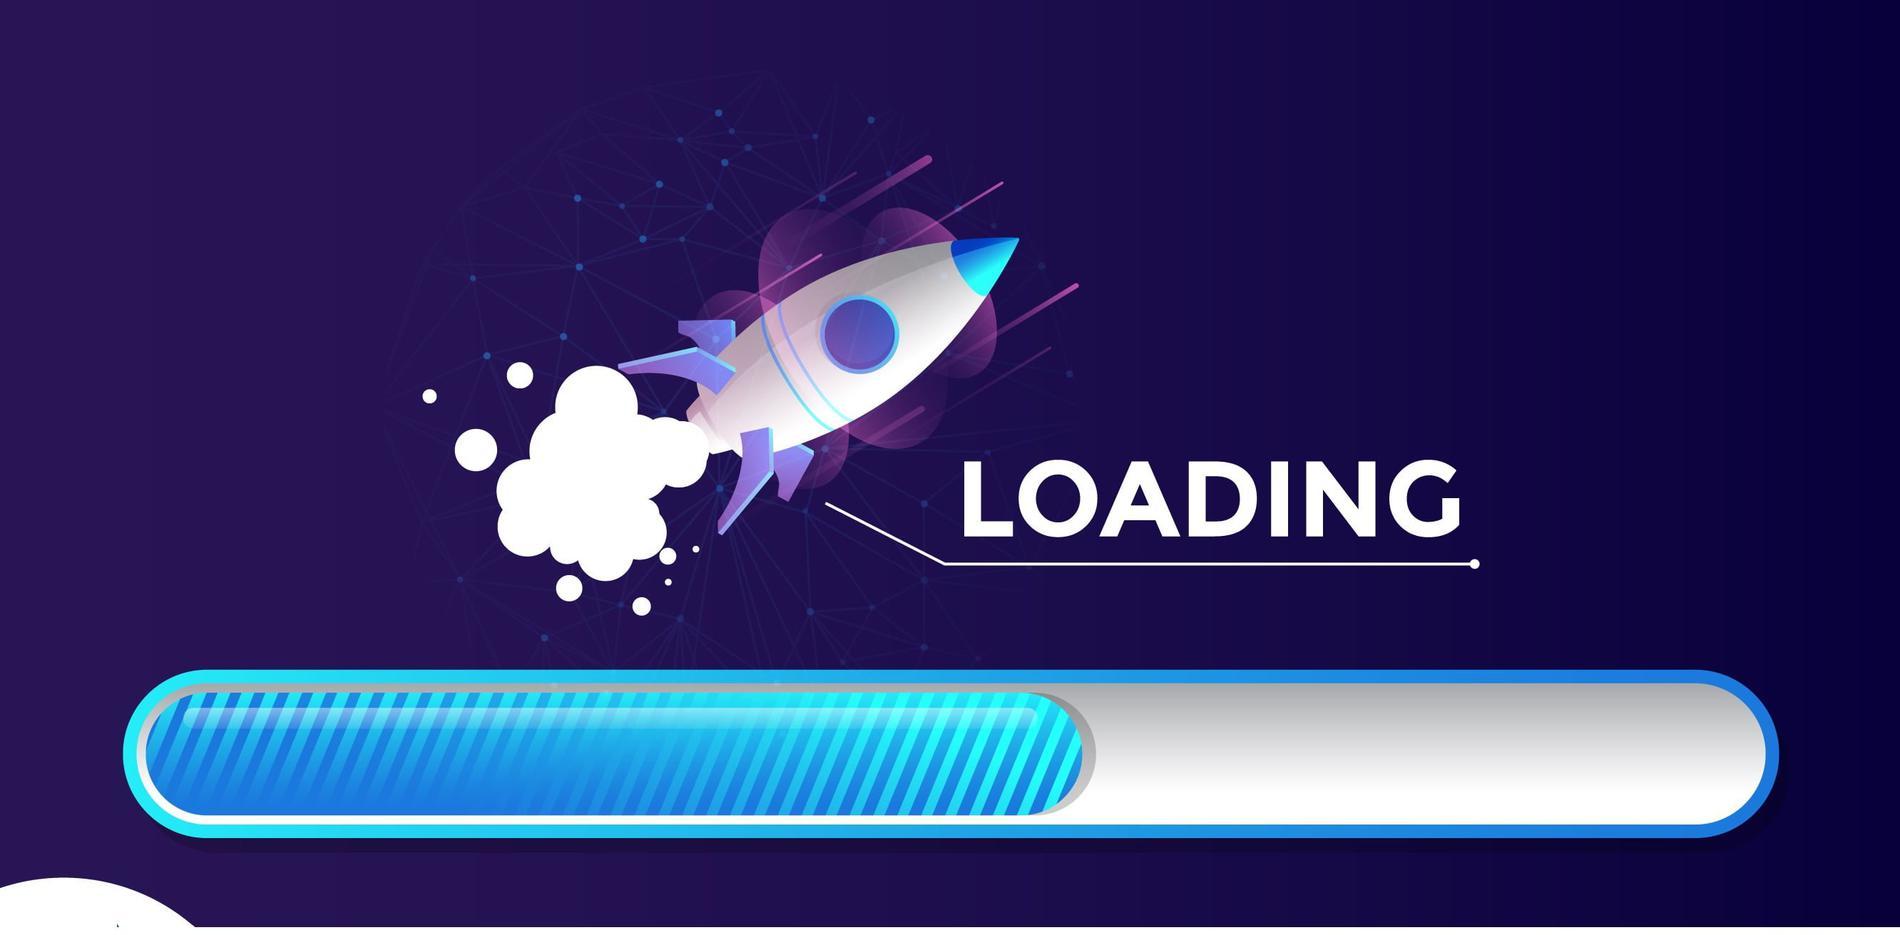 Tối ưu tốc độ tải trang tạo ra hiệu quả như thế nào?